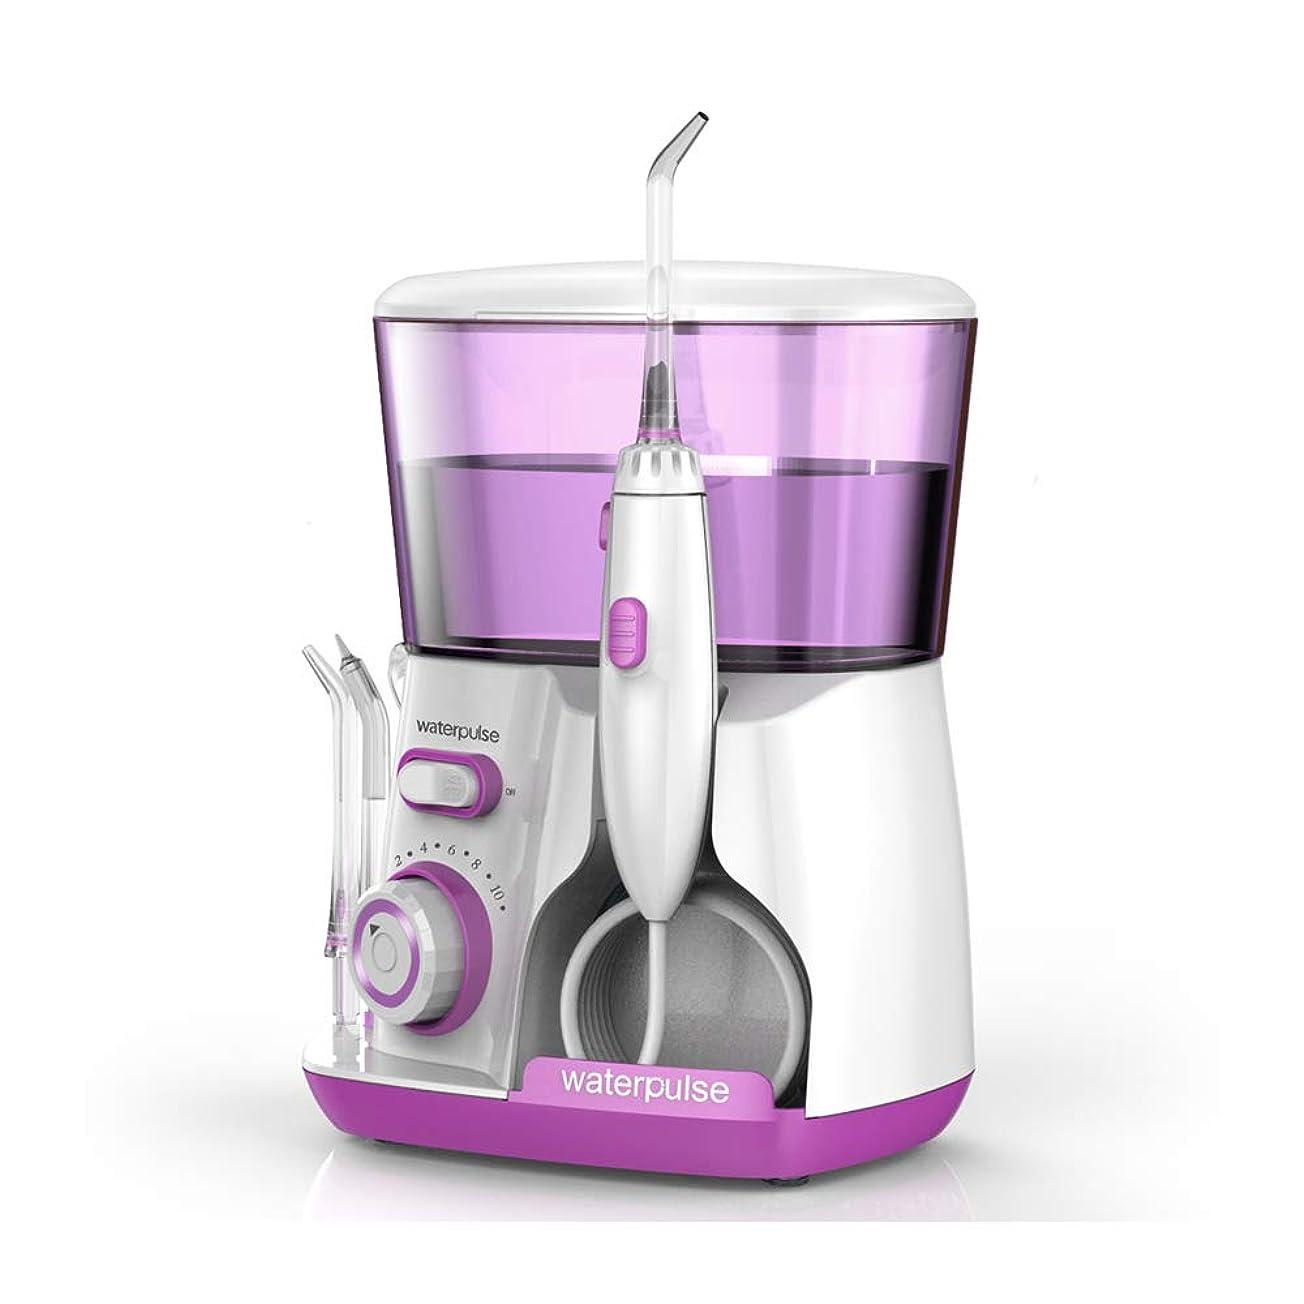 戸口ポゴスティックジャンプ折Loboo Idea V300 赤い歯洗濯機水フロスデンタルクリーナー口腔洗浄器、自由に調整可能な10種類の歯車、5種類のノズルを含む、歯の清掃が360度容易、あなたの歯のニーズを満たすために (V300R, 紫色)